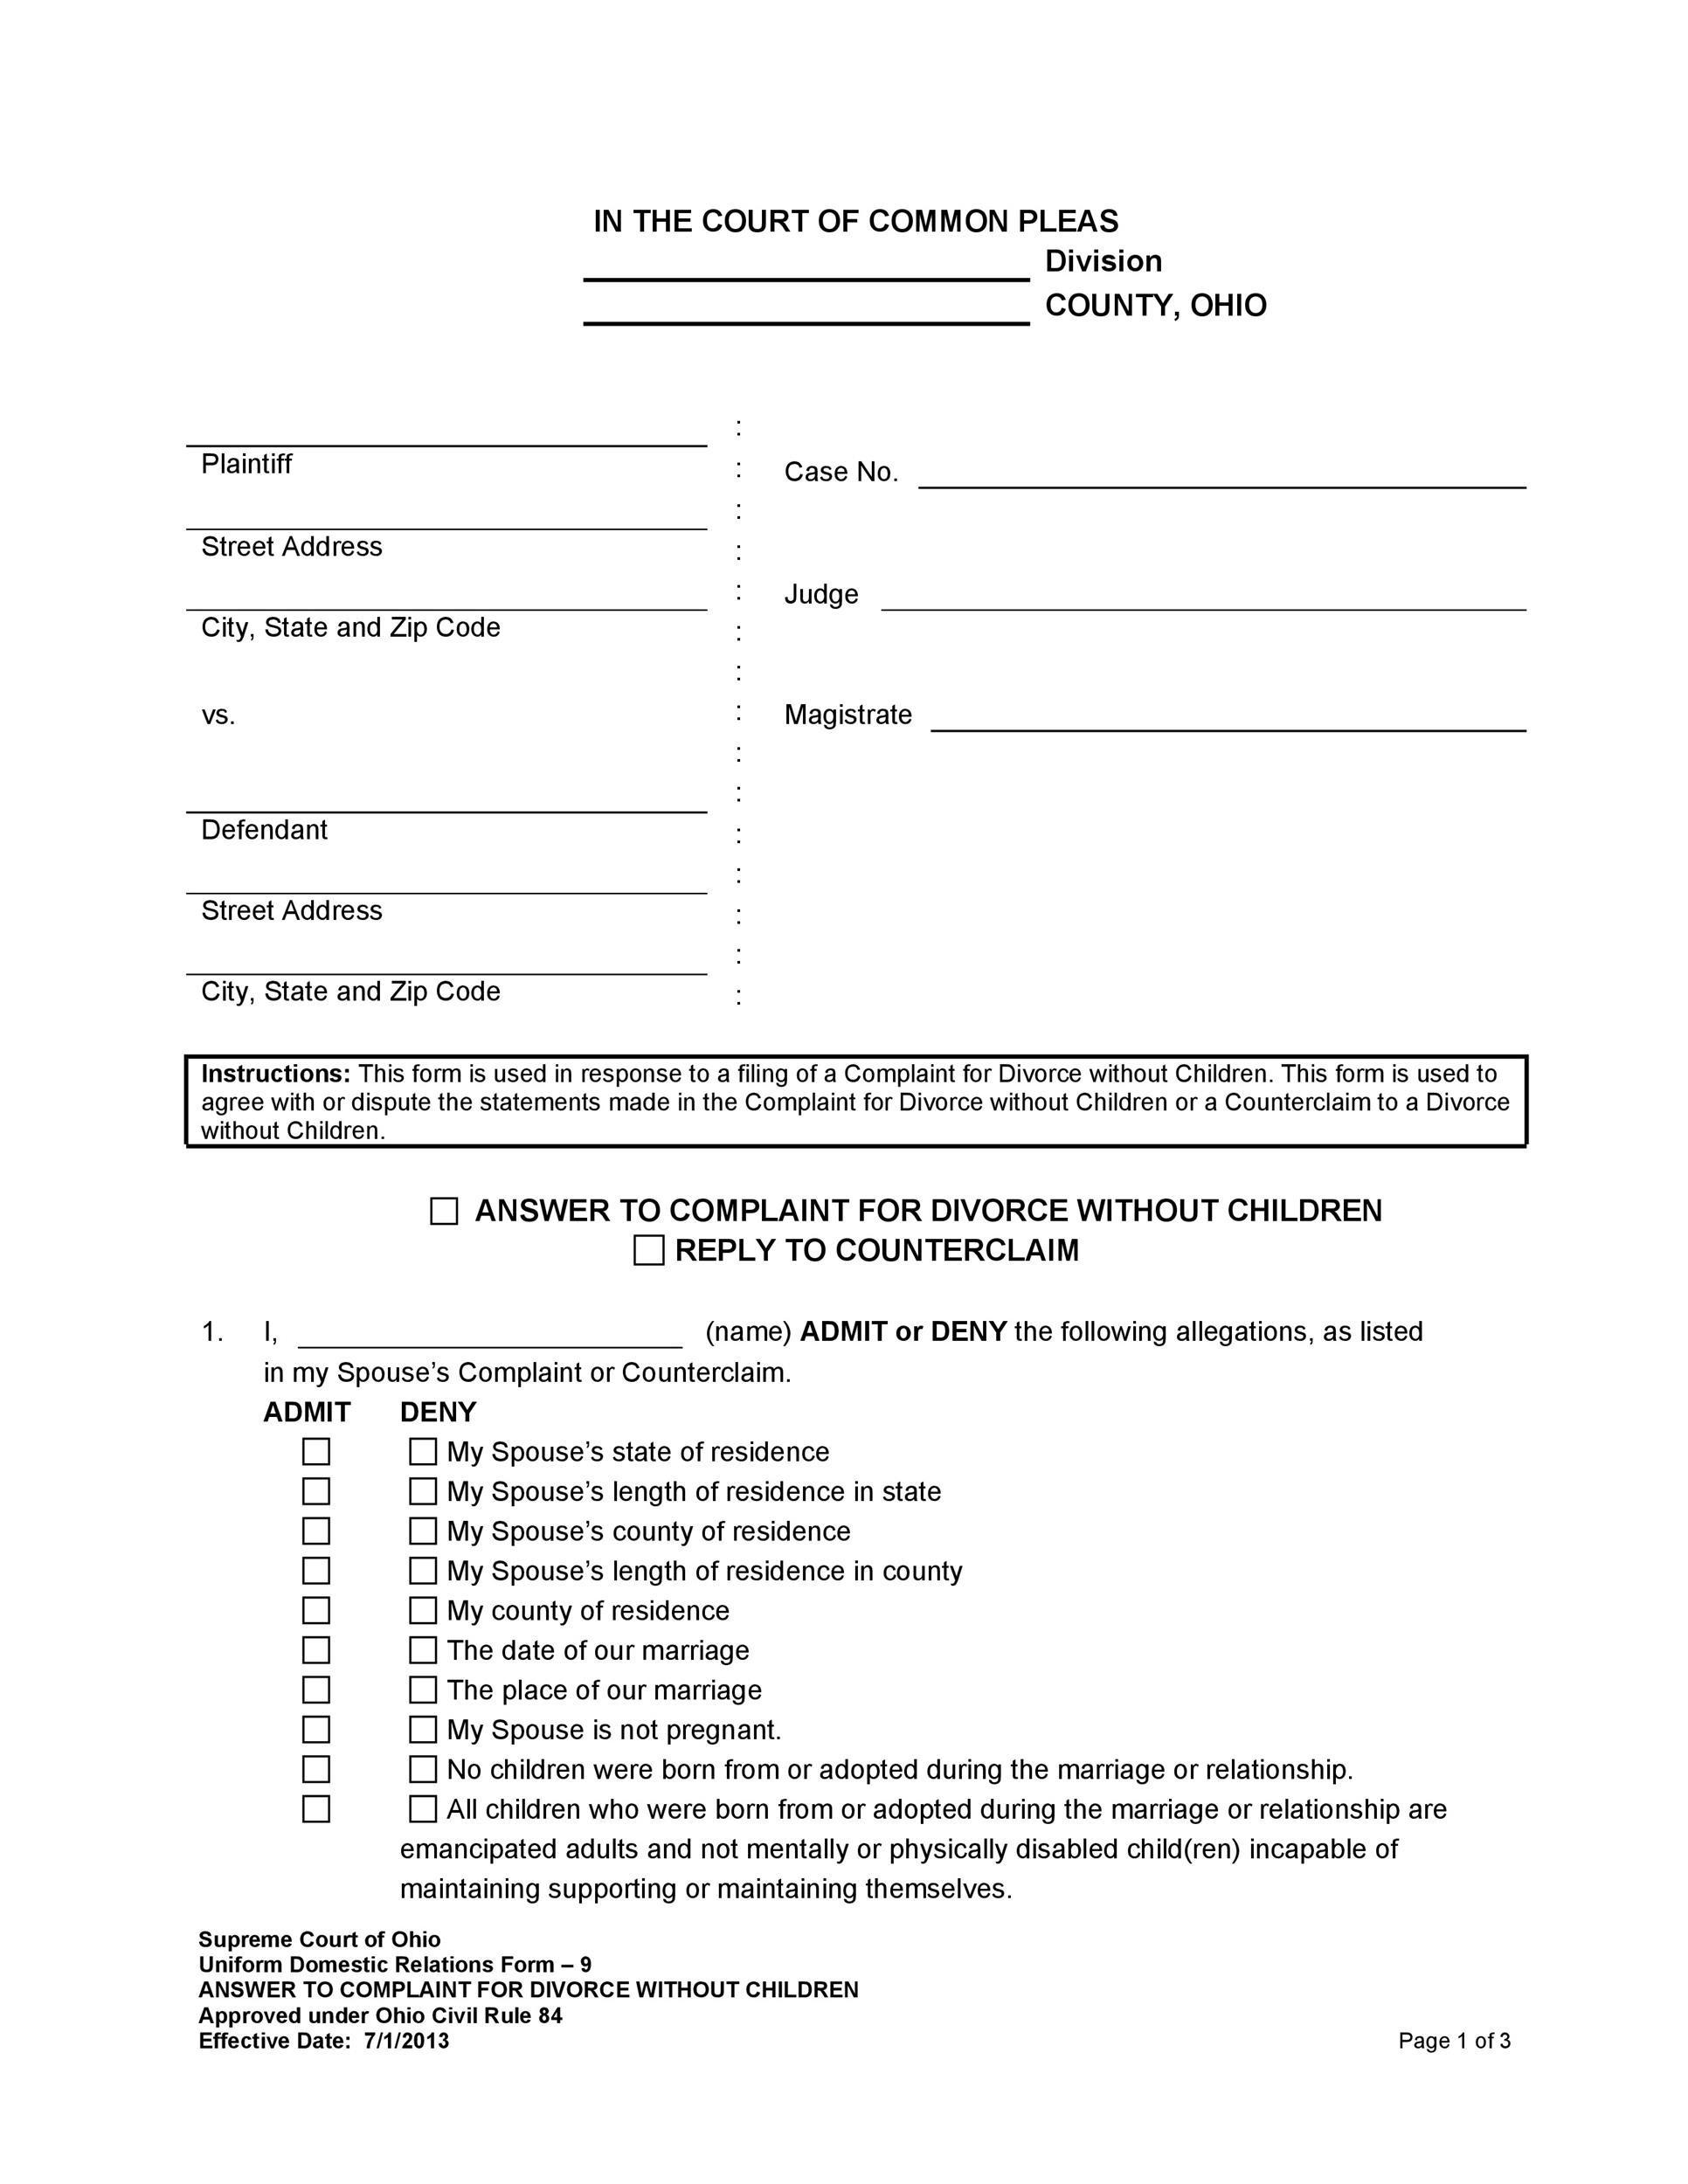 Divorce Form Divorce Certificate Mail Order Form Divorce - divorce papers template